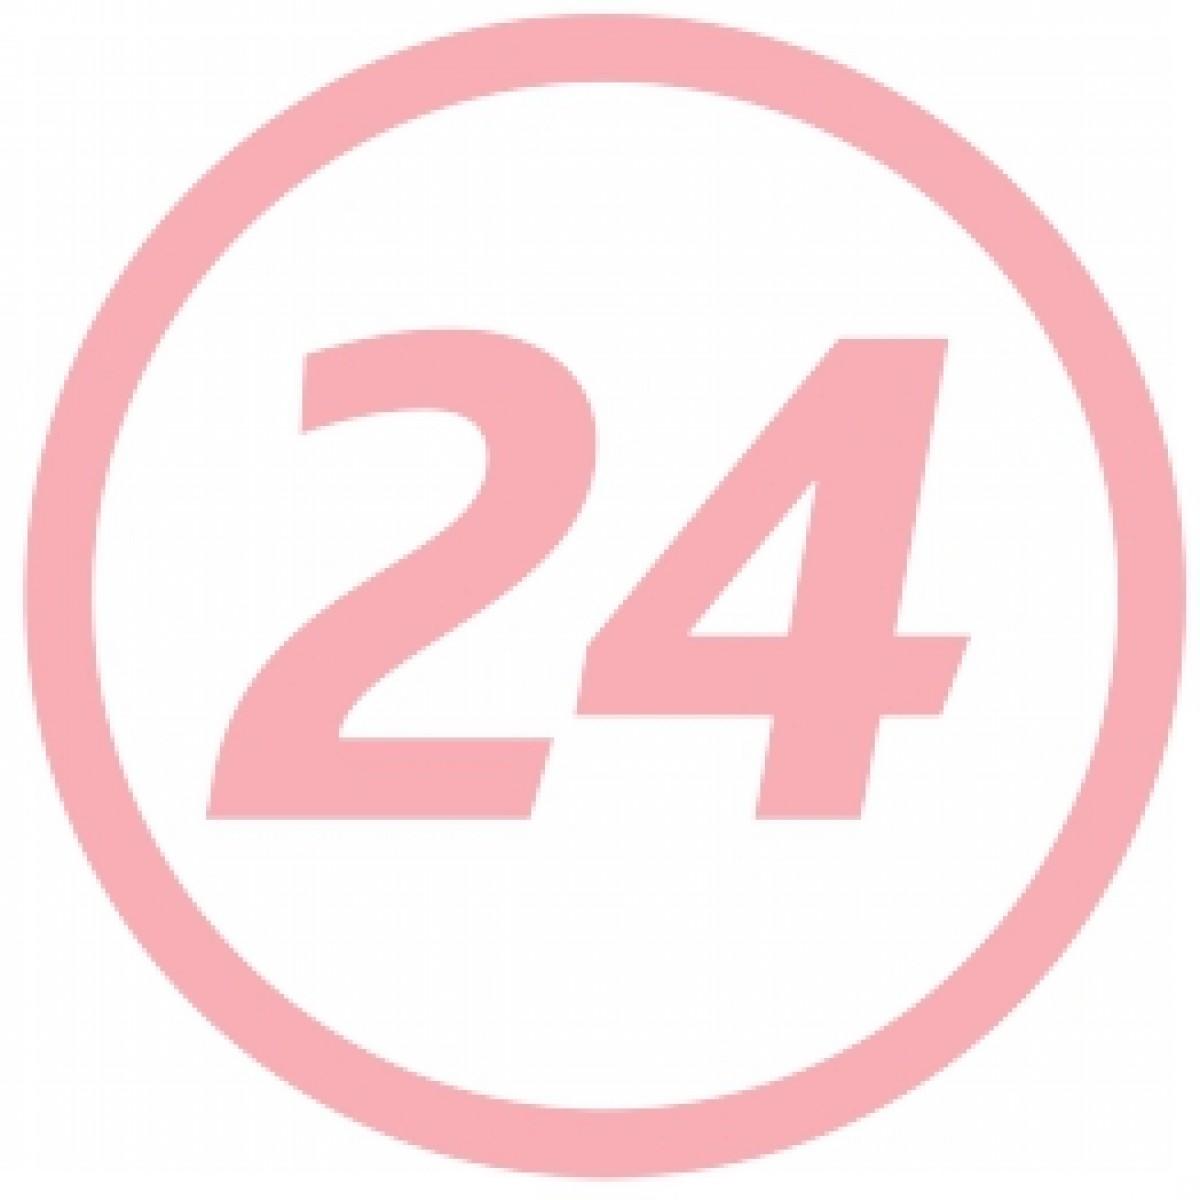 MUSTELA Bebe Cold Cream Crema Nutri-Protectoare , Cremă, 40ml